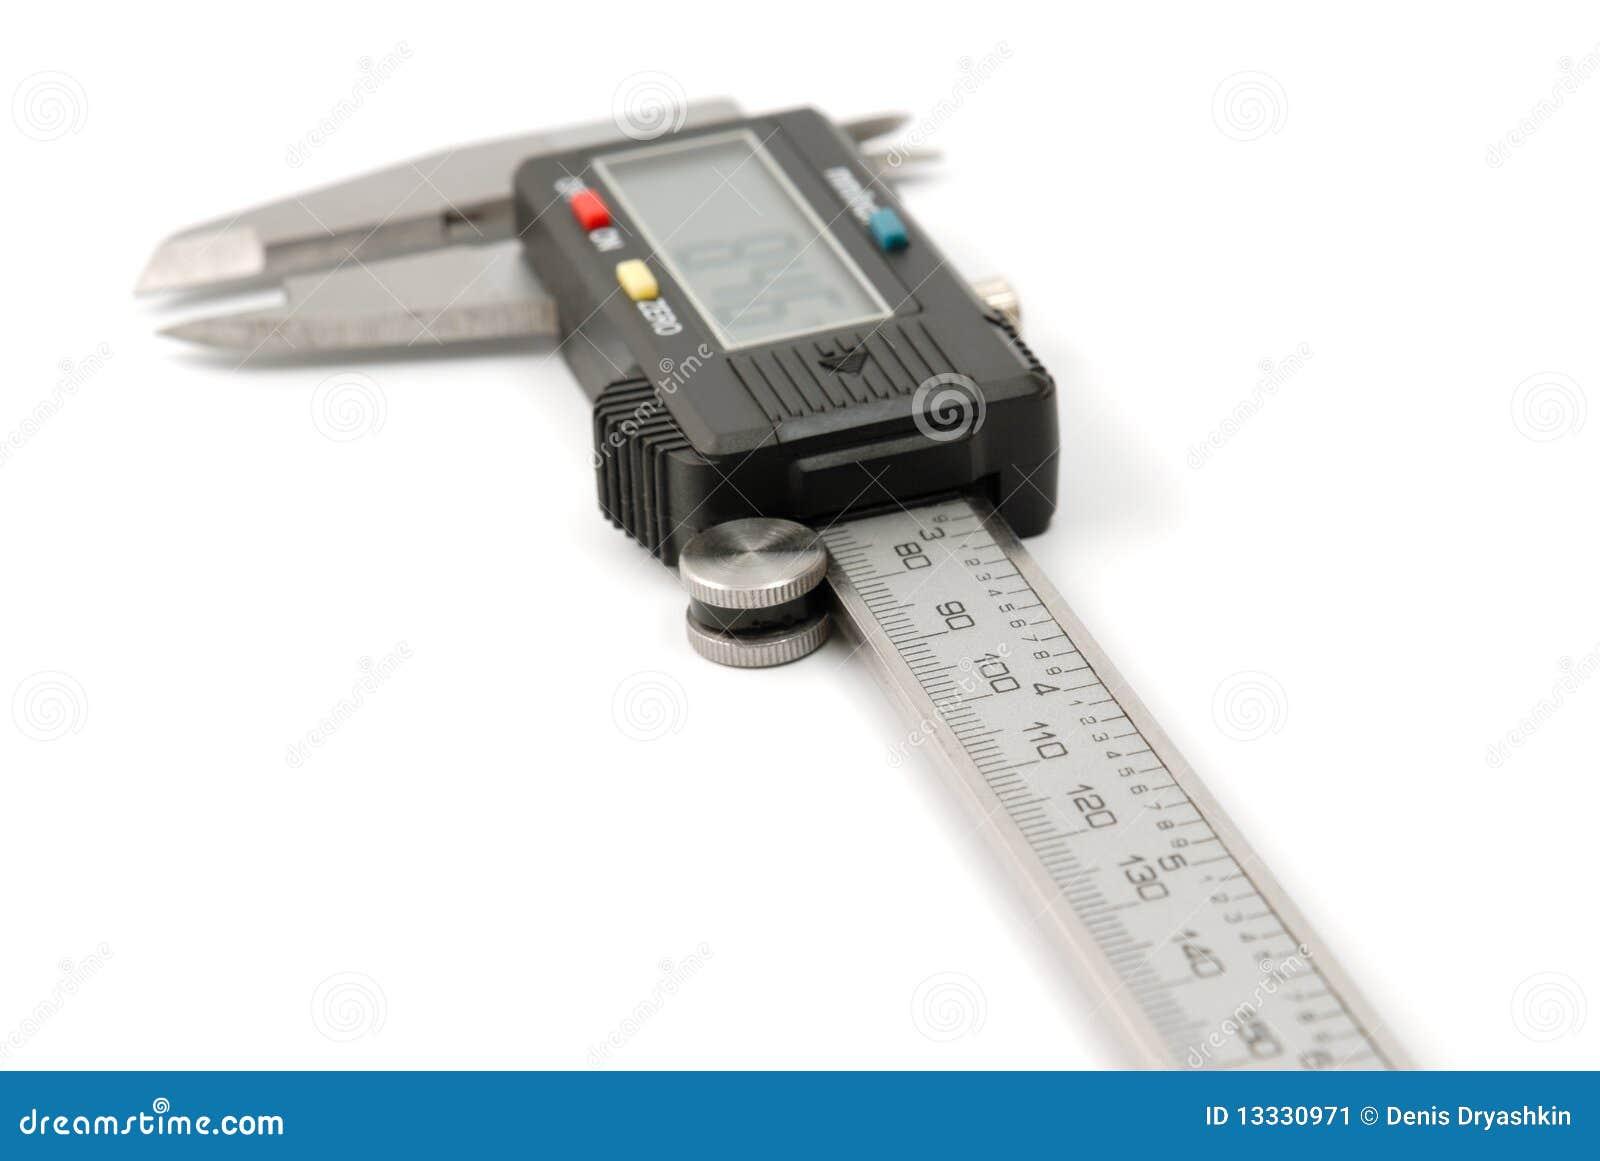 Caliper elektroniczny cyfrowy